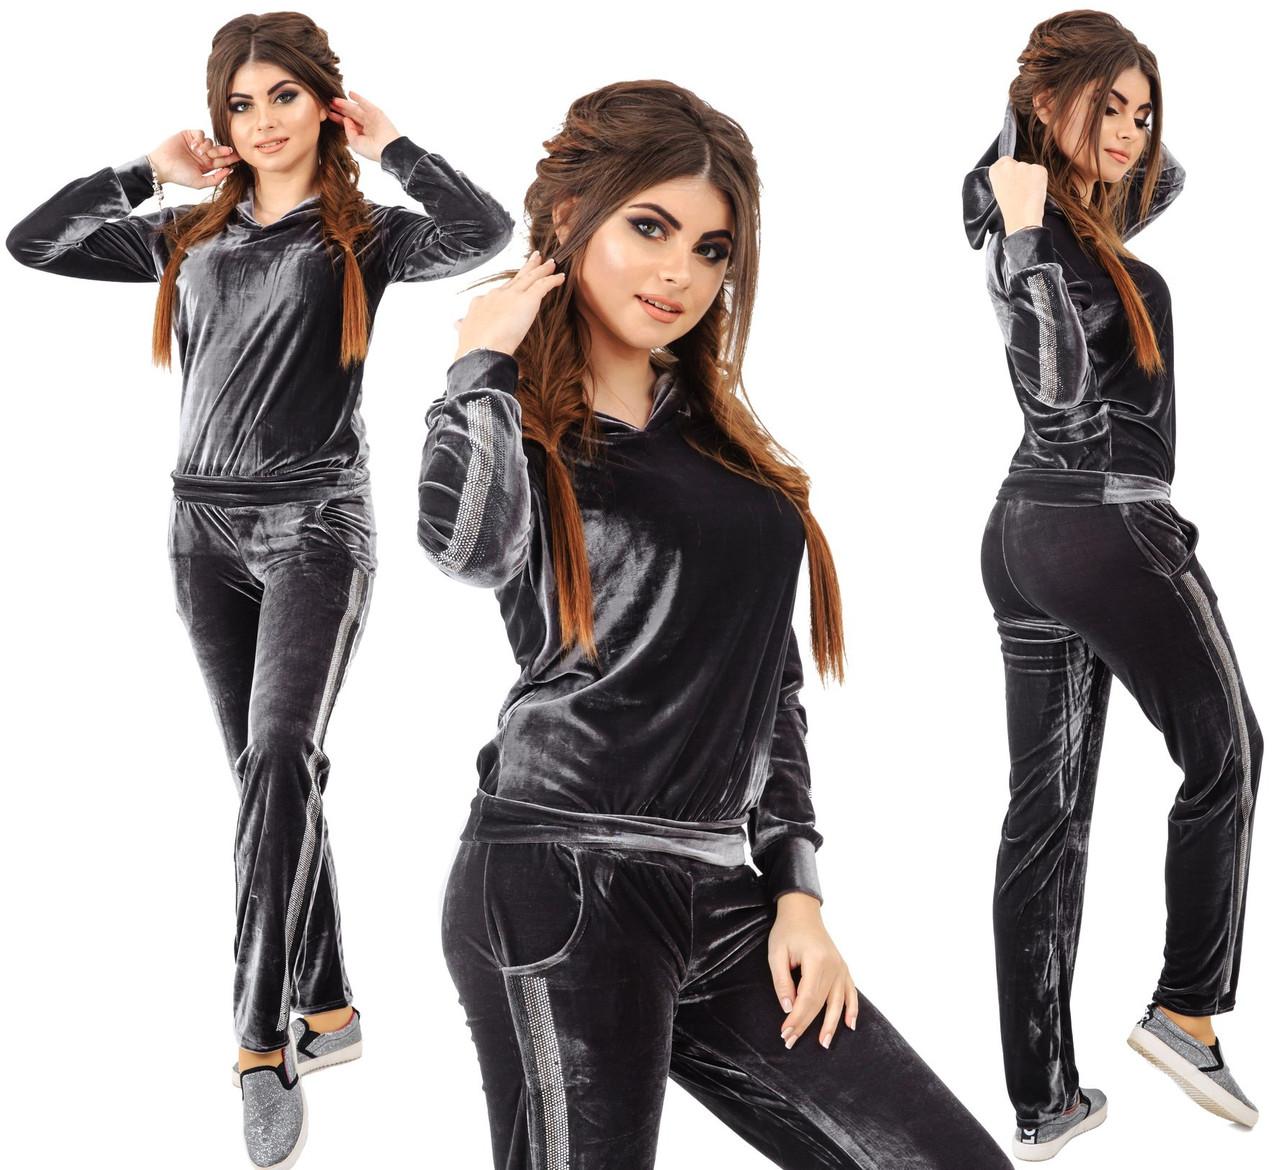 f58d5db3d44b Велюровый спортивный костюм со стразами. Тёмно-серый, 4 цвета. Р-ры ...